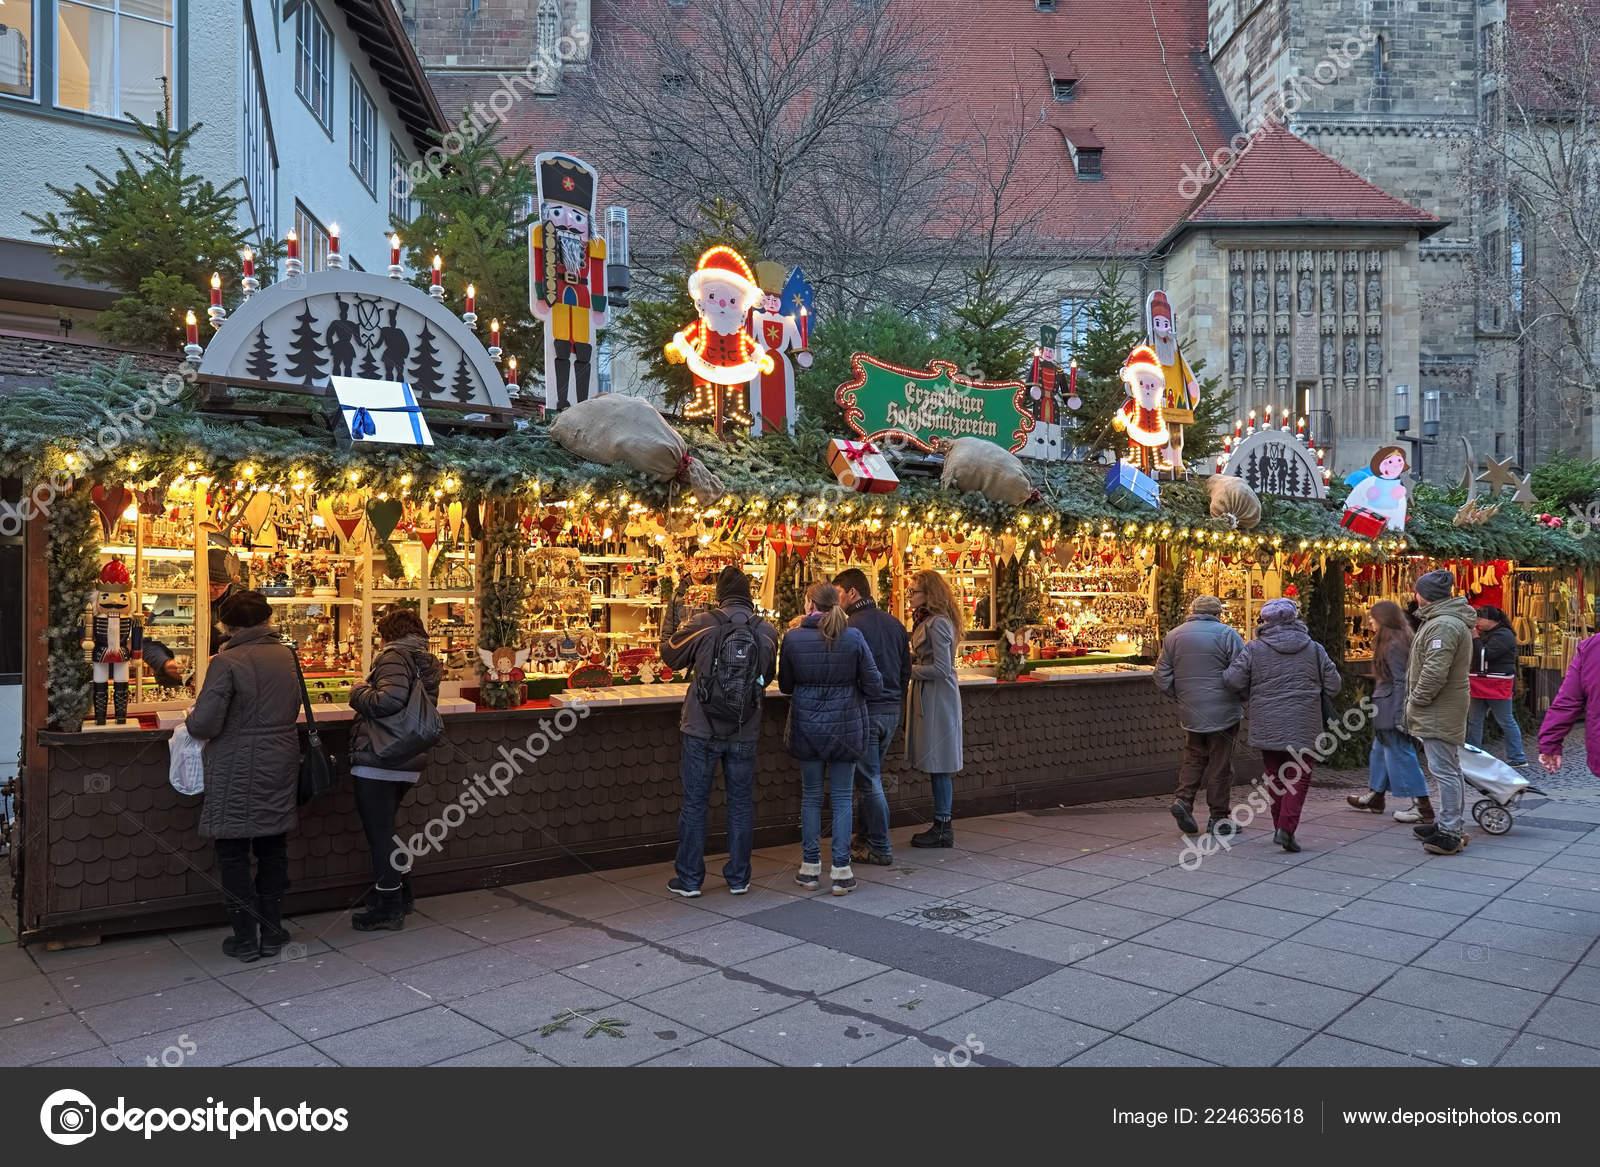 Christmas In Stuttgart Germany.Stuttgart Germany December 2017 Market Stalls Christmas